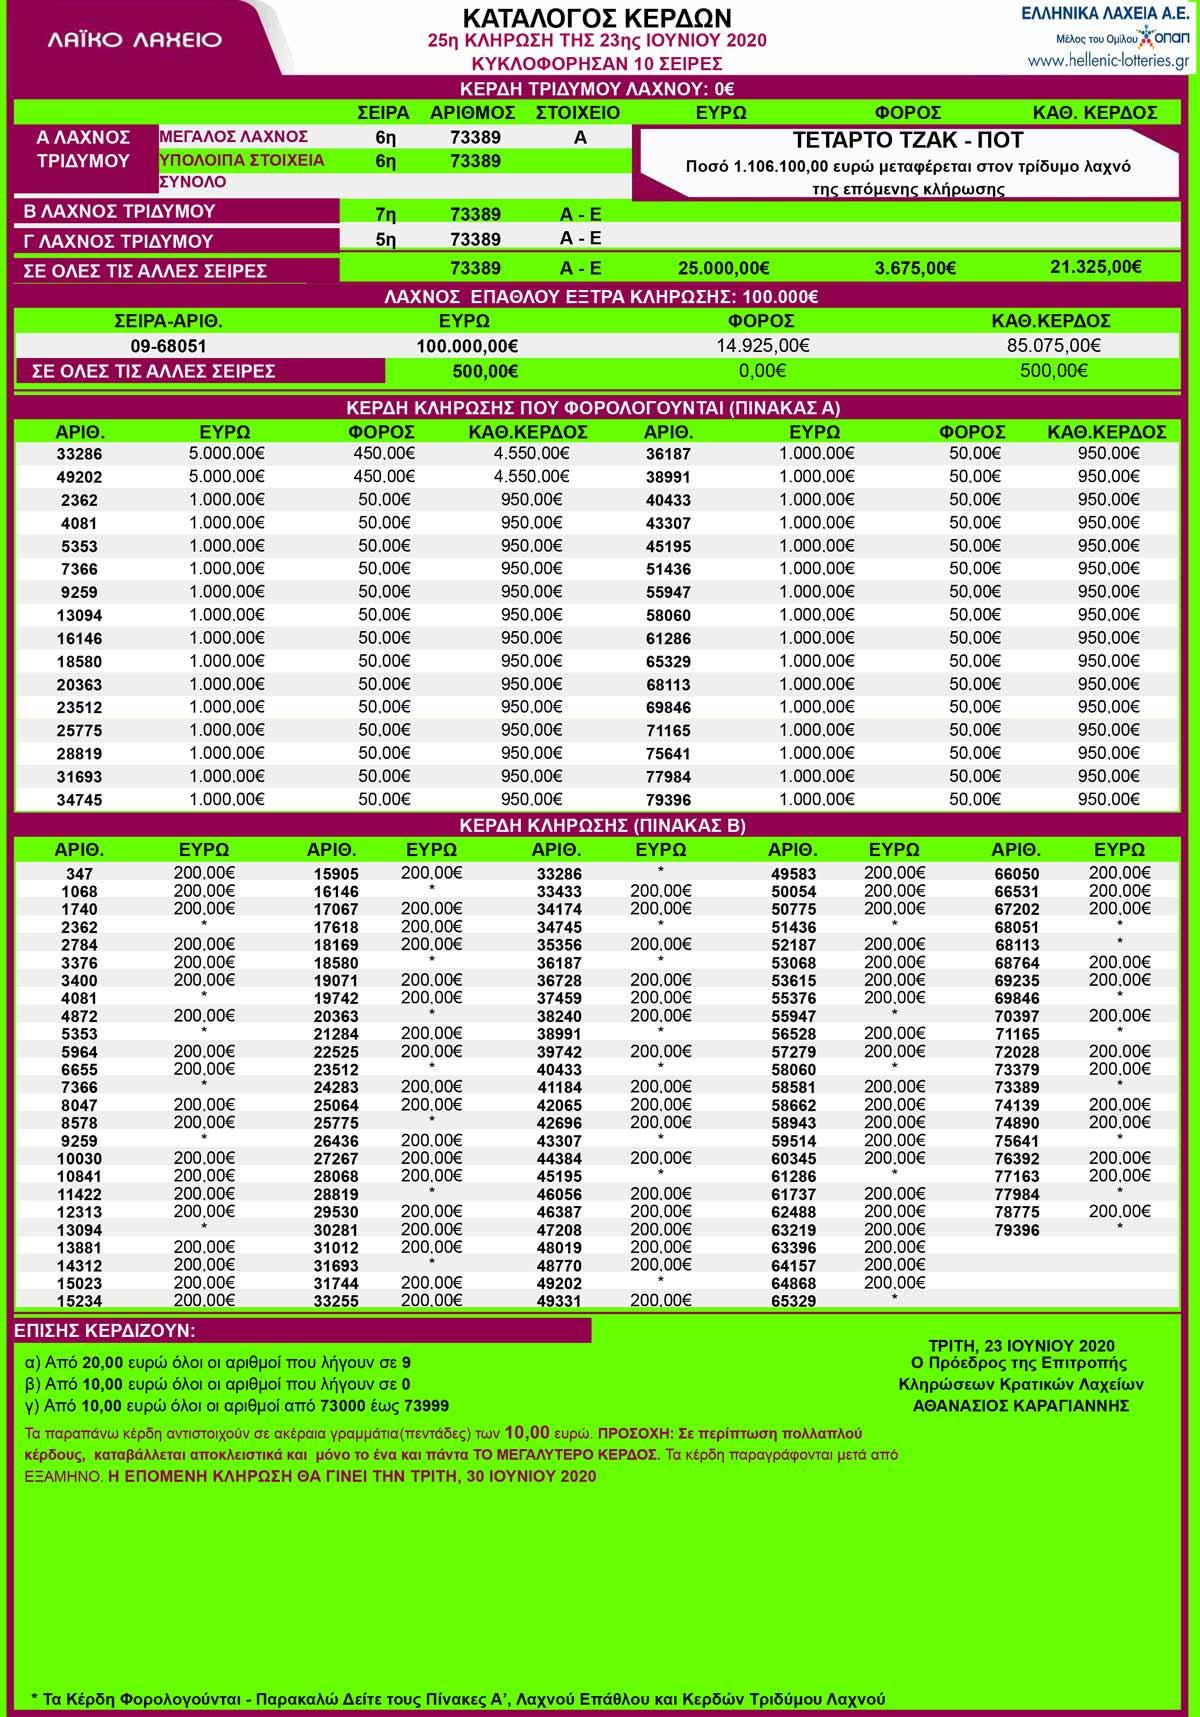 λαικο-λαχειο-23-06-2020-κληρωση-25-αποτελεσματα-λαικο-23-6-20